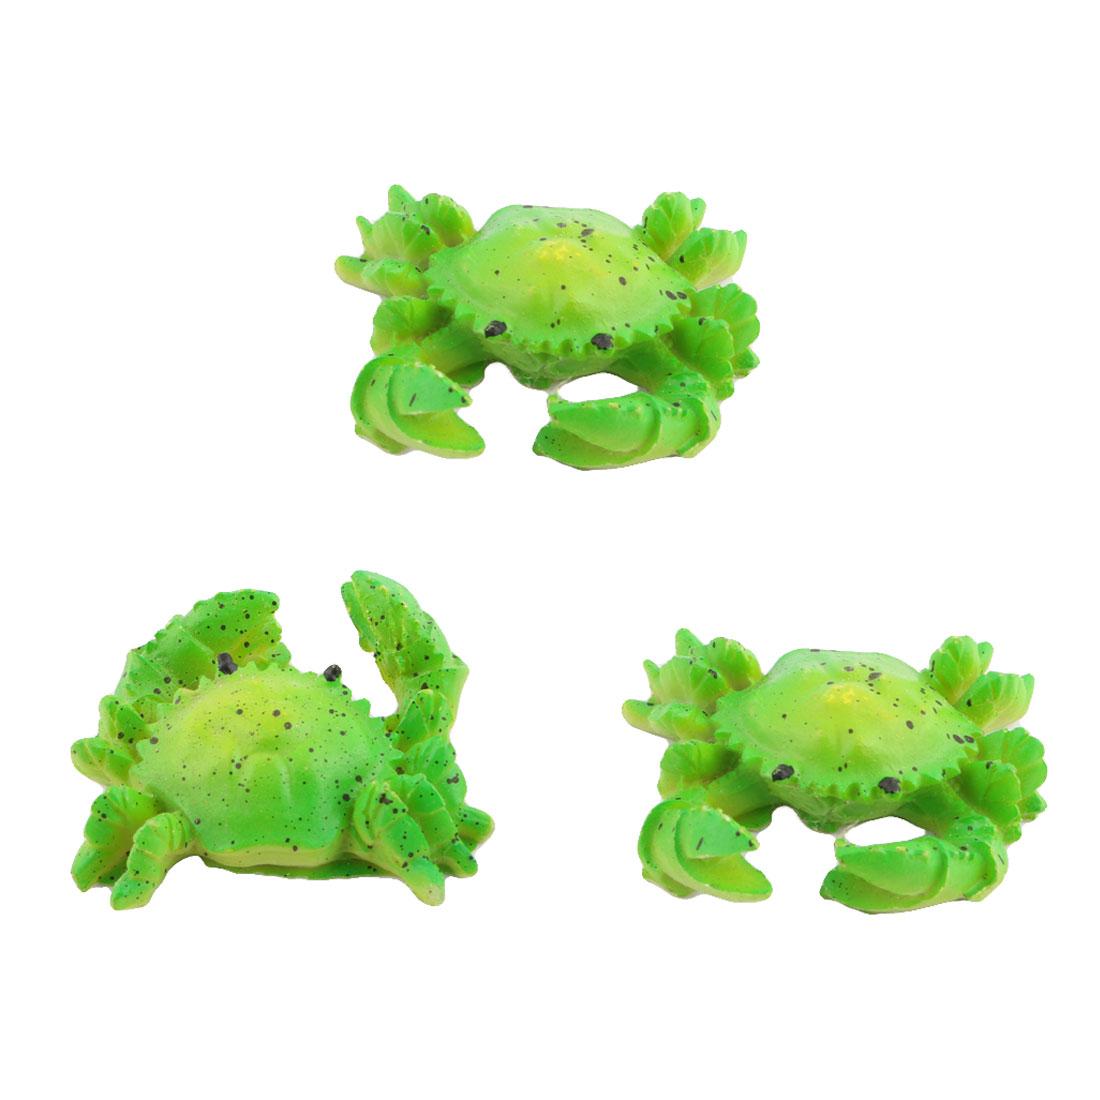 Family Fish Tank Aquarium Ceramic Crab Designed Manmade Ornament Green 3pcs